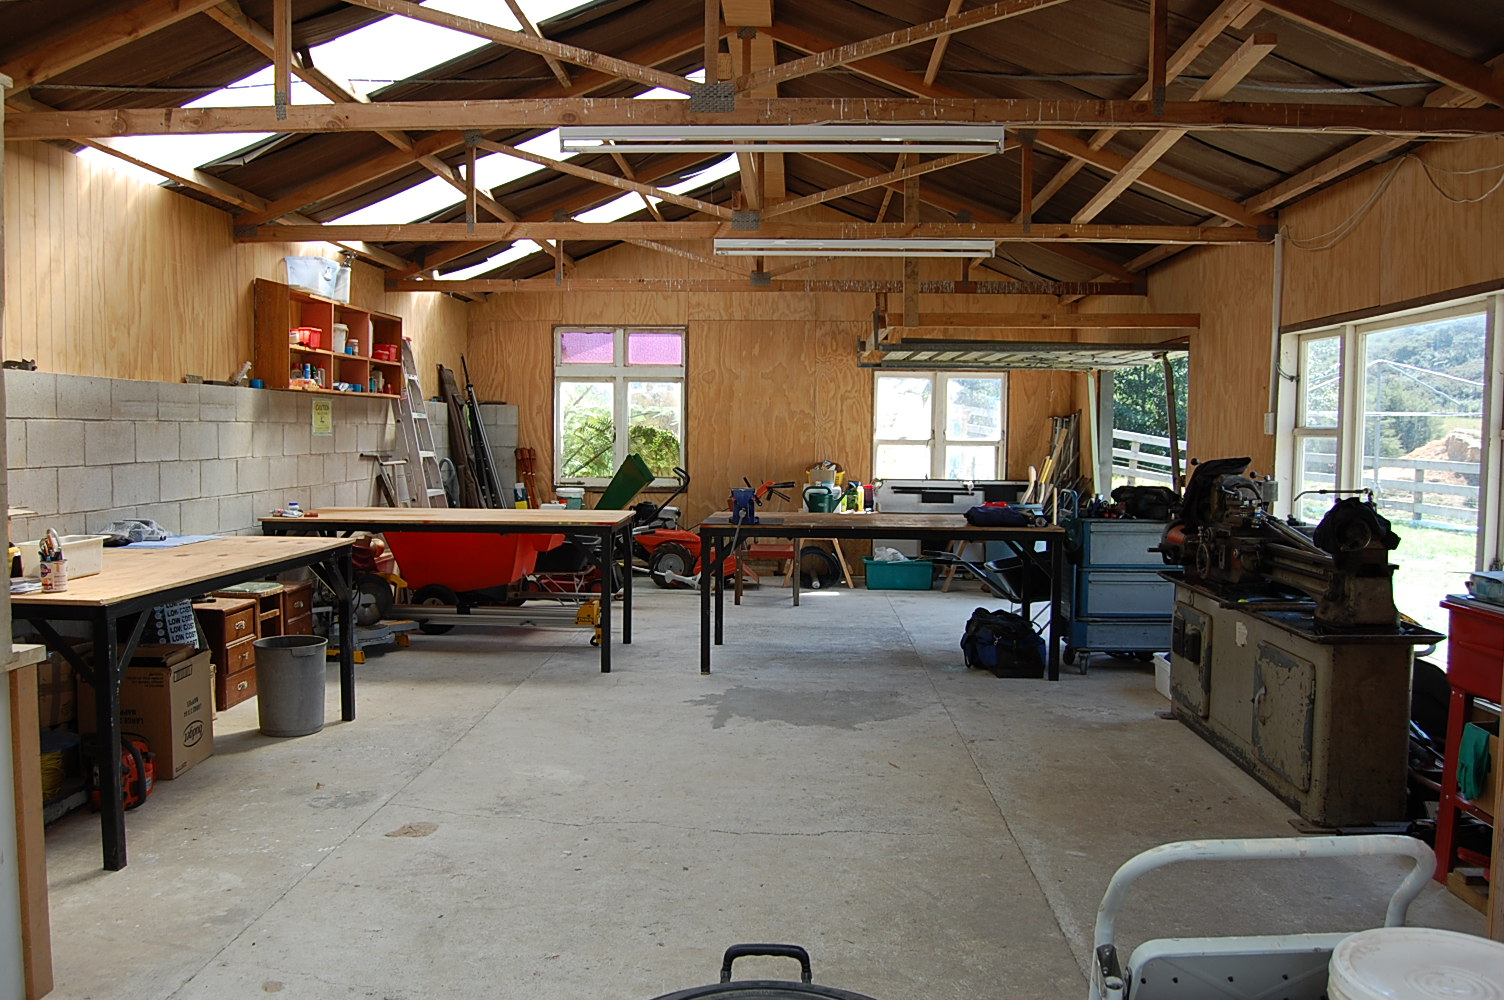 Living the good life garage workshop declutter for Garages and workshops